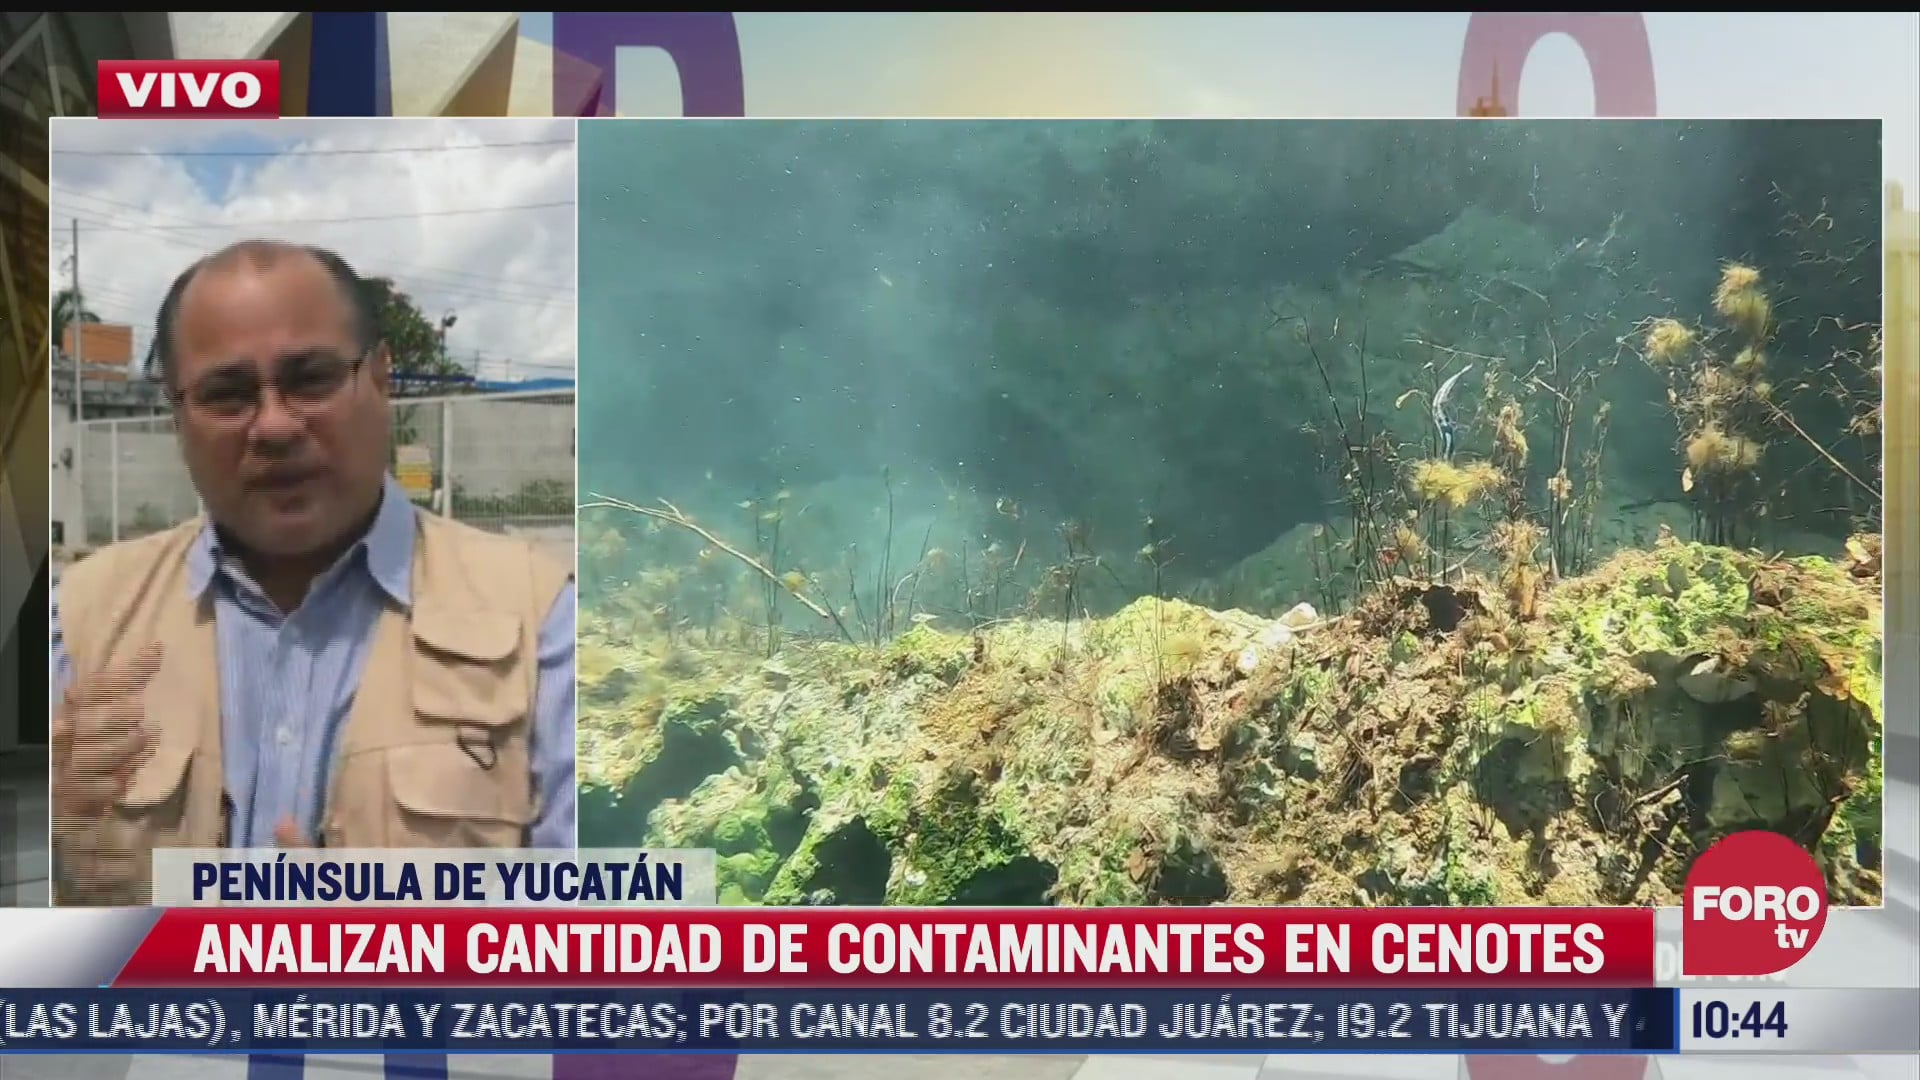 analizan cantidad de contaminantes en cenotes de yucatan